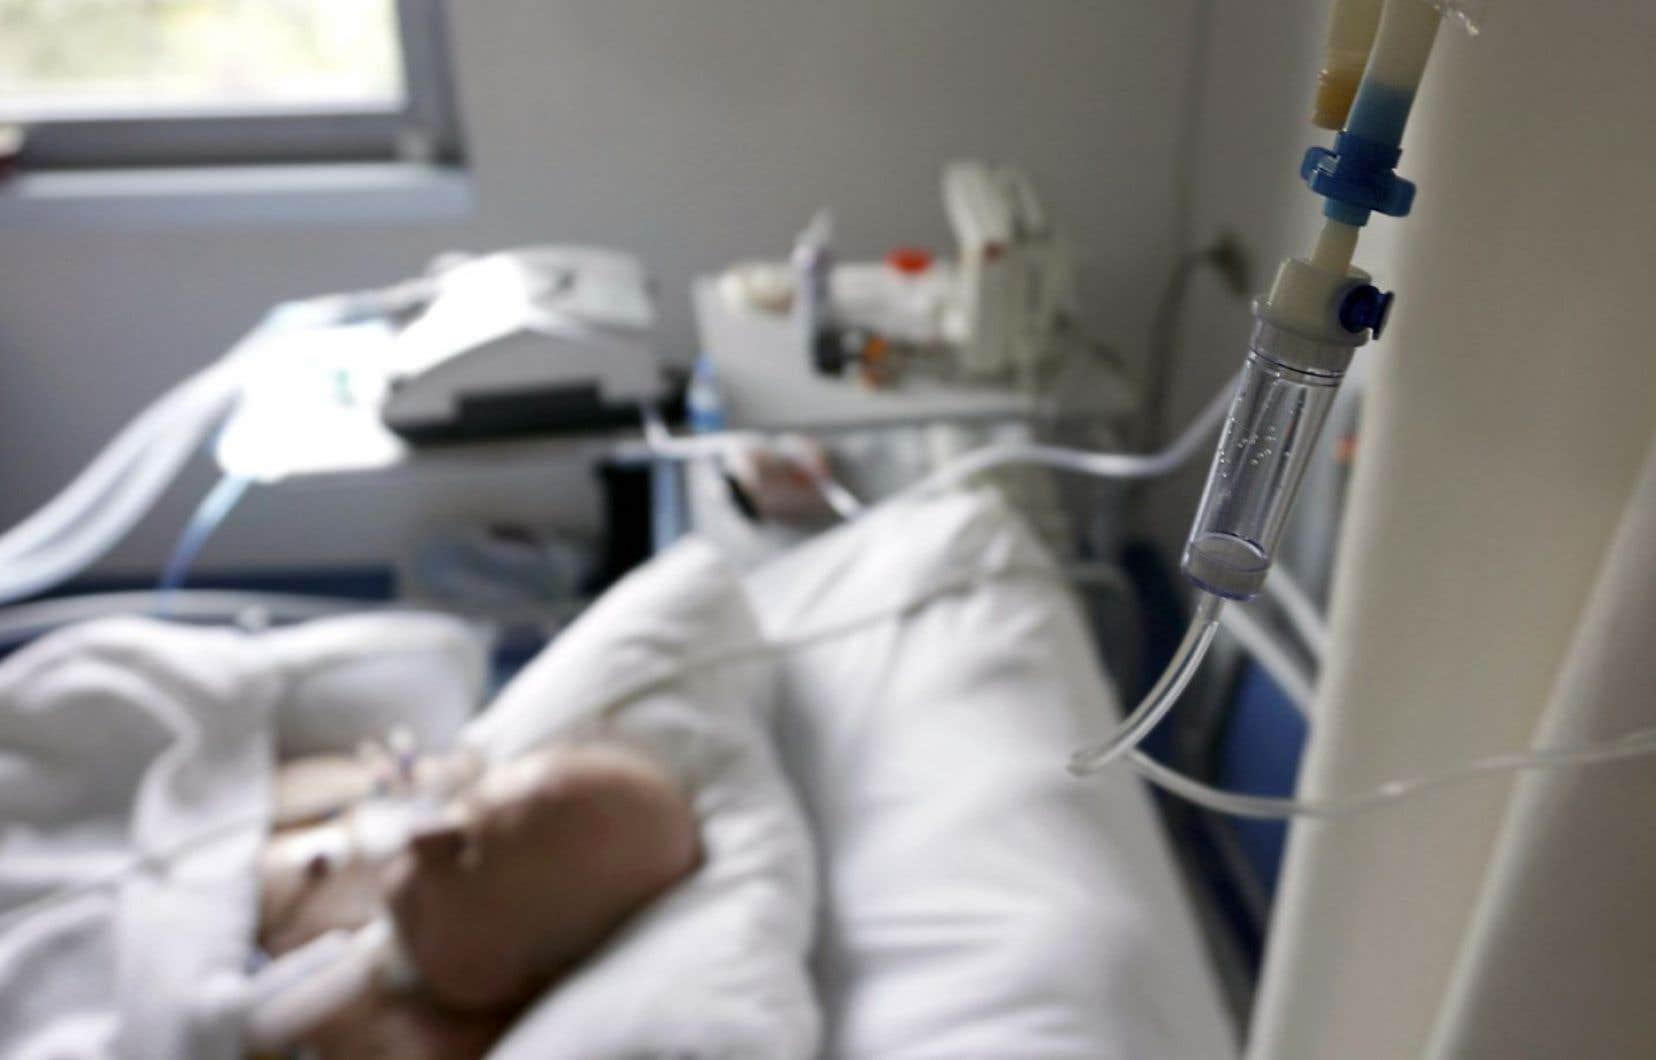 Pour le Collège des médecins du Québec, pas question de laisser les patients partir à la maison avec une prescription létale pour se l'administrer sans supervision médicale.